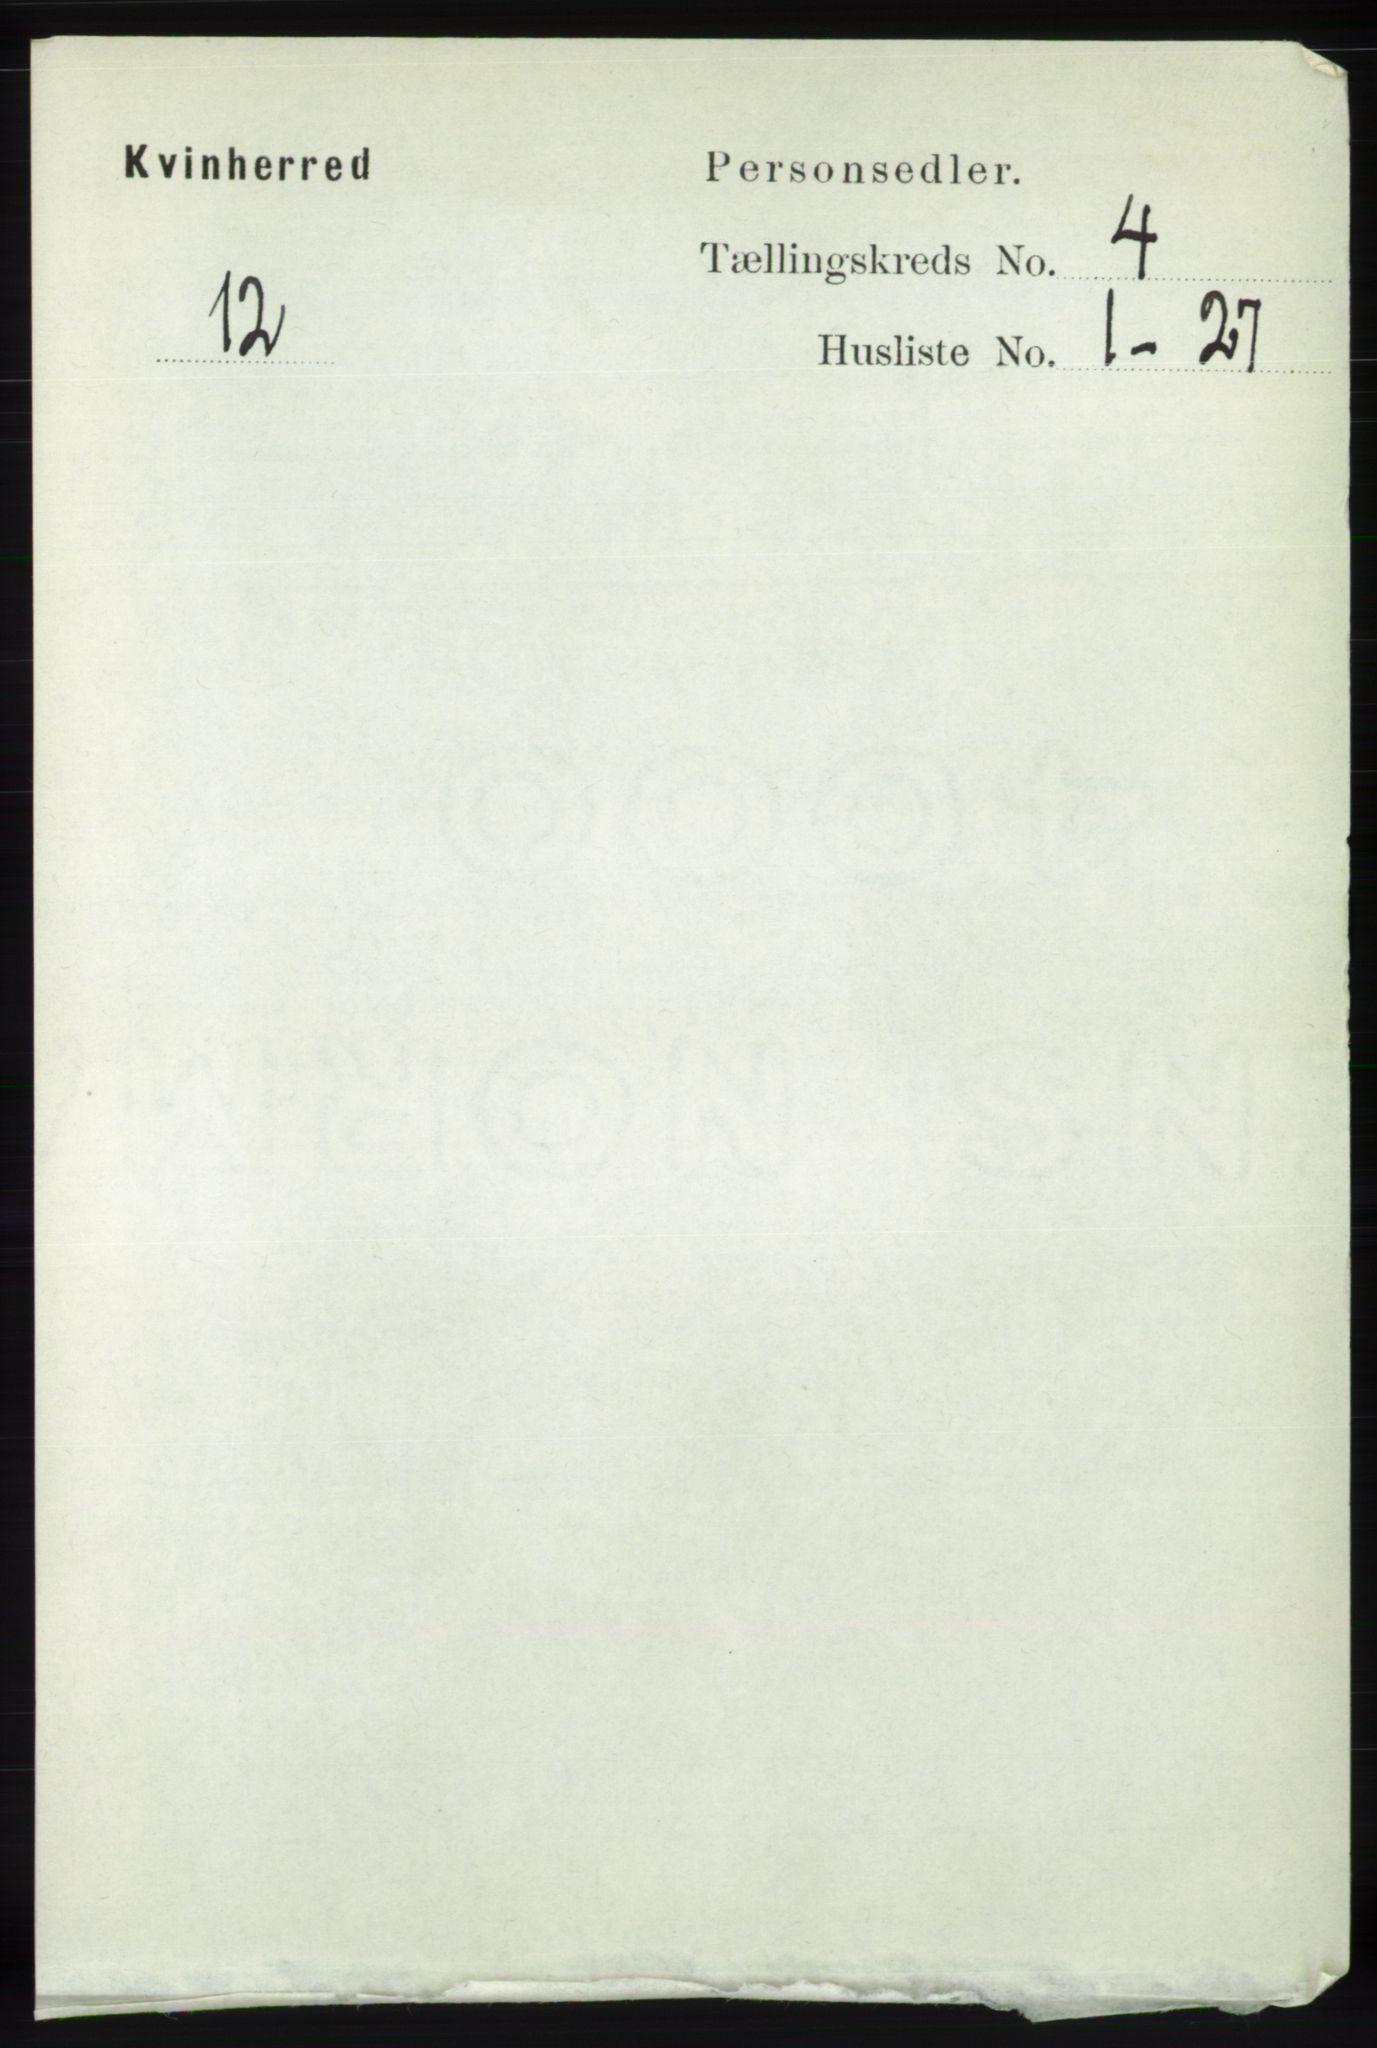 RA, Folketelling 1891 for 1224 Kvinnherad herred, 1891, s. 1383